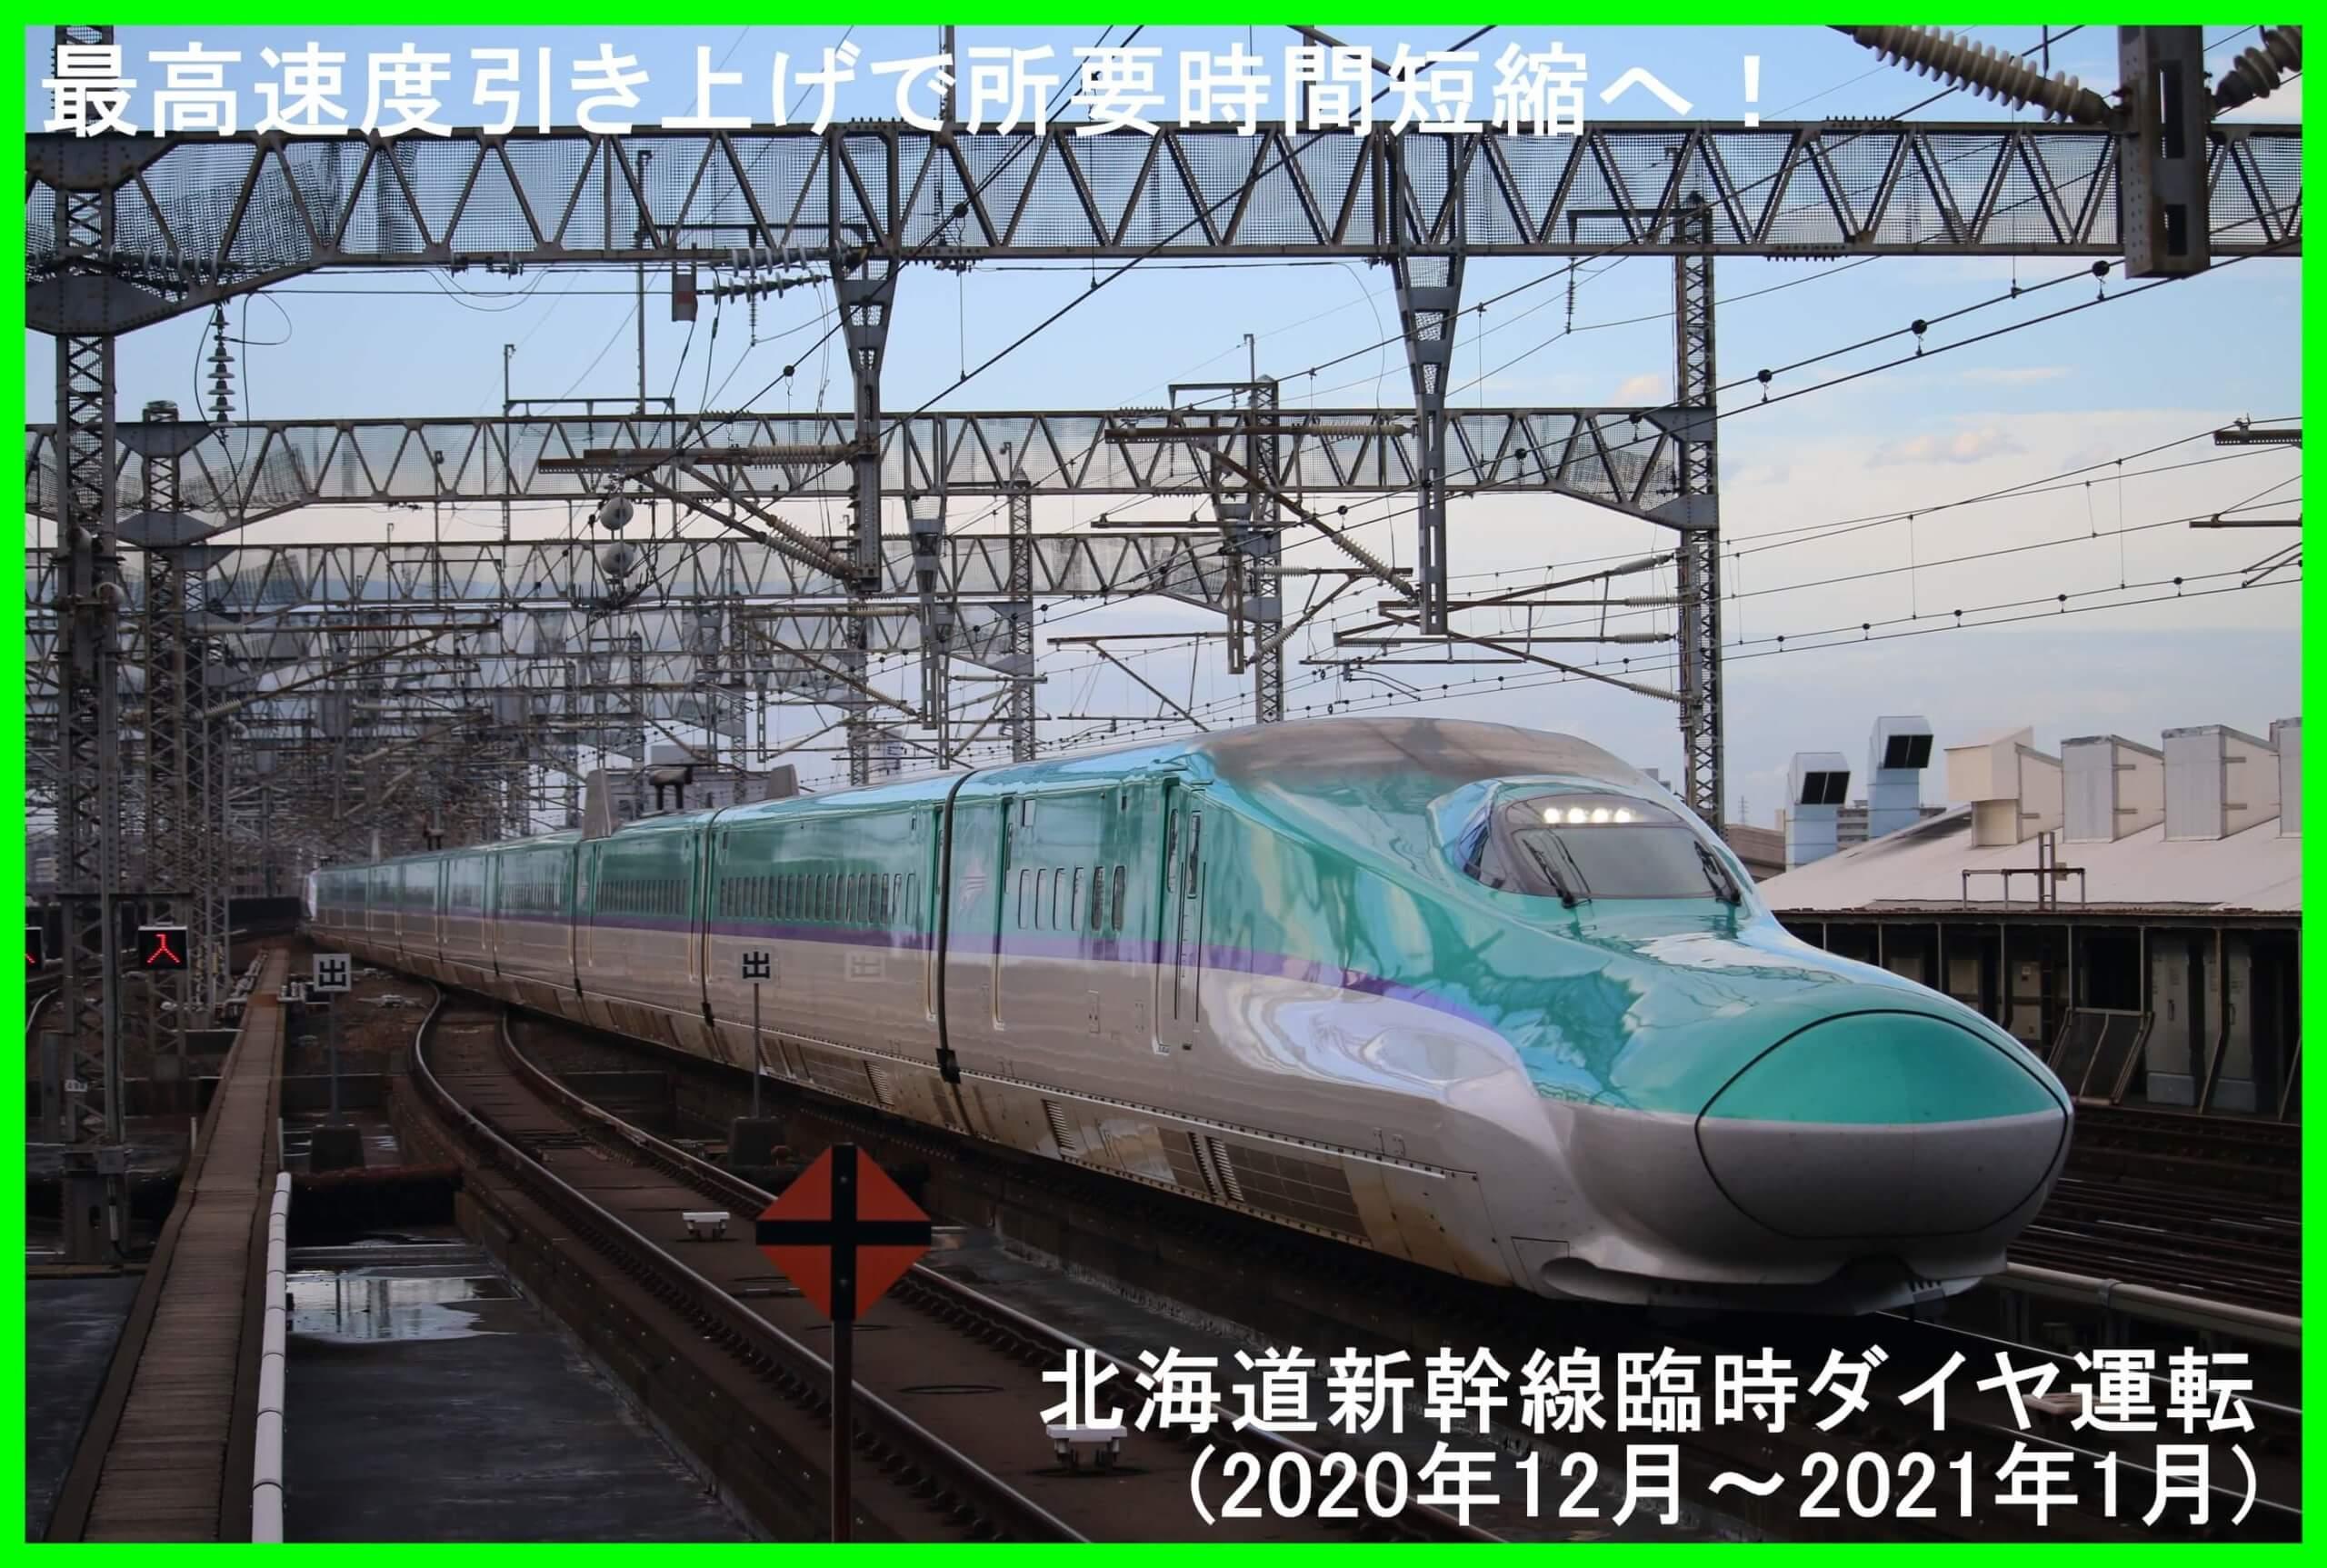 最高速度引き上げで所要時間短縮へ! 北海道新幹線臨時ダイヤ運転(2020年12月~2021年1月)